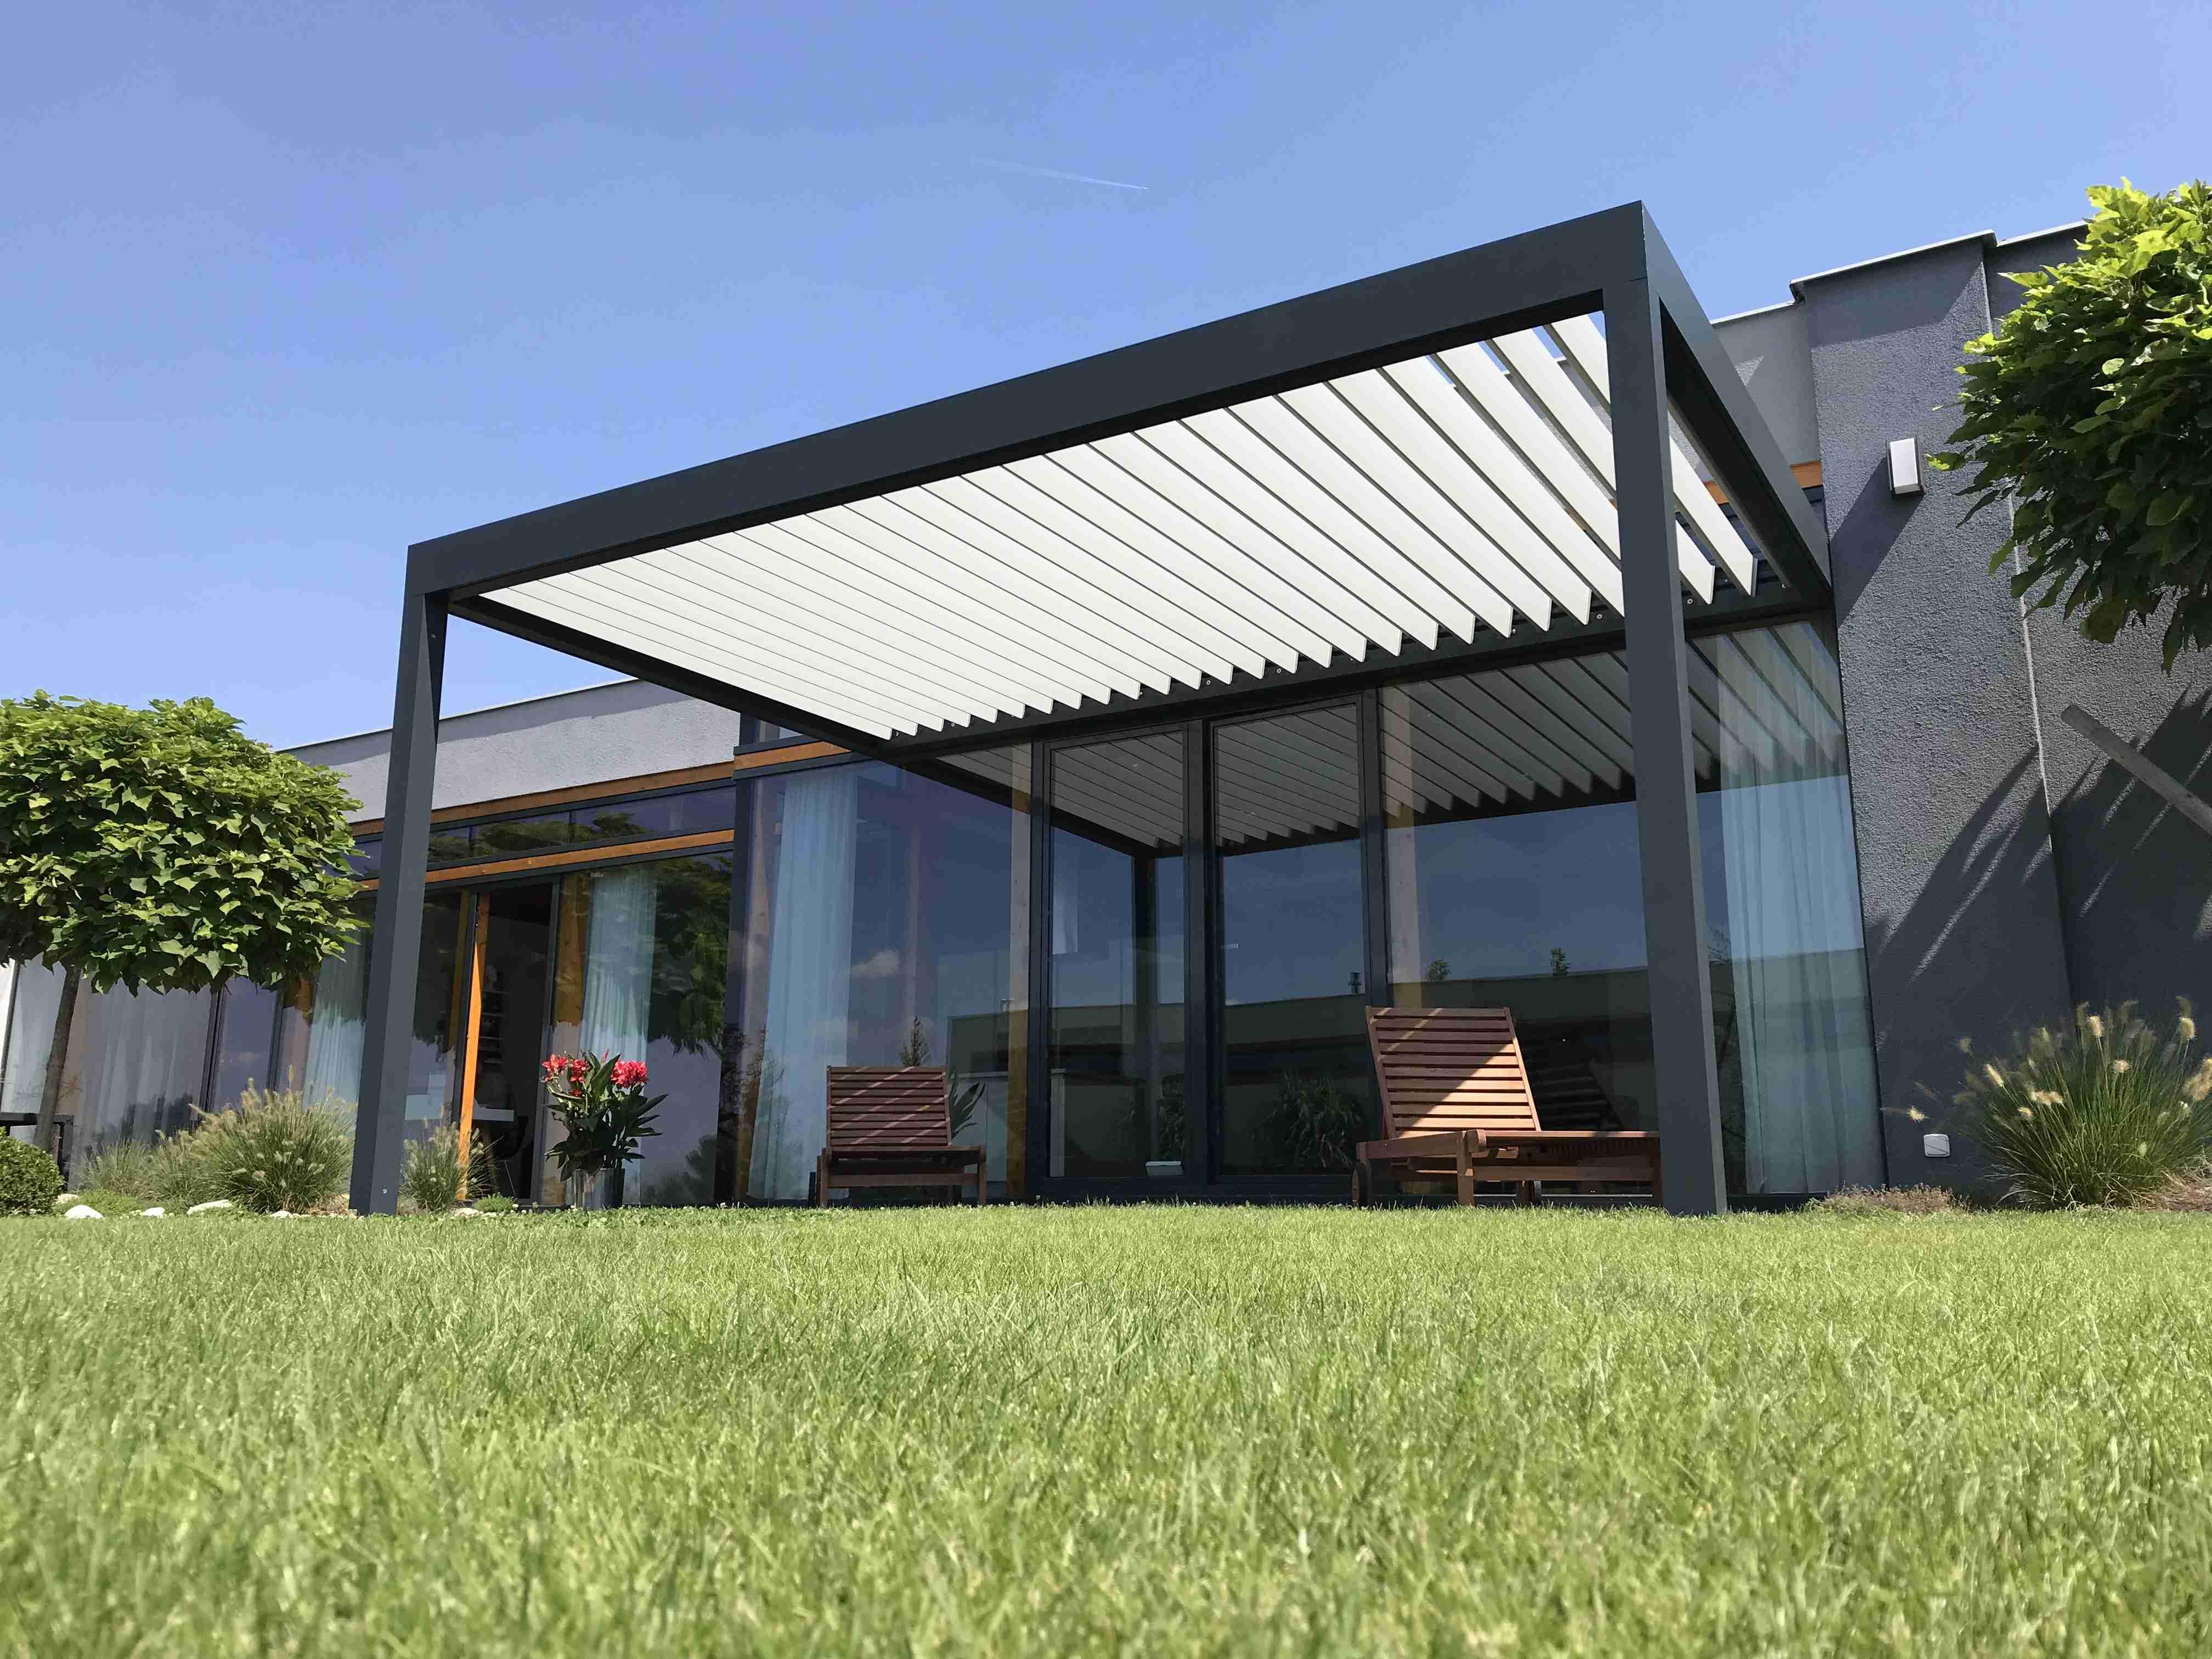 Bioklimatická pergola s hliníkovými lamelami - elegantní a vysoce funkční doplněk vašeho domu.